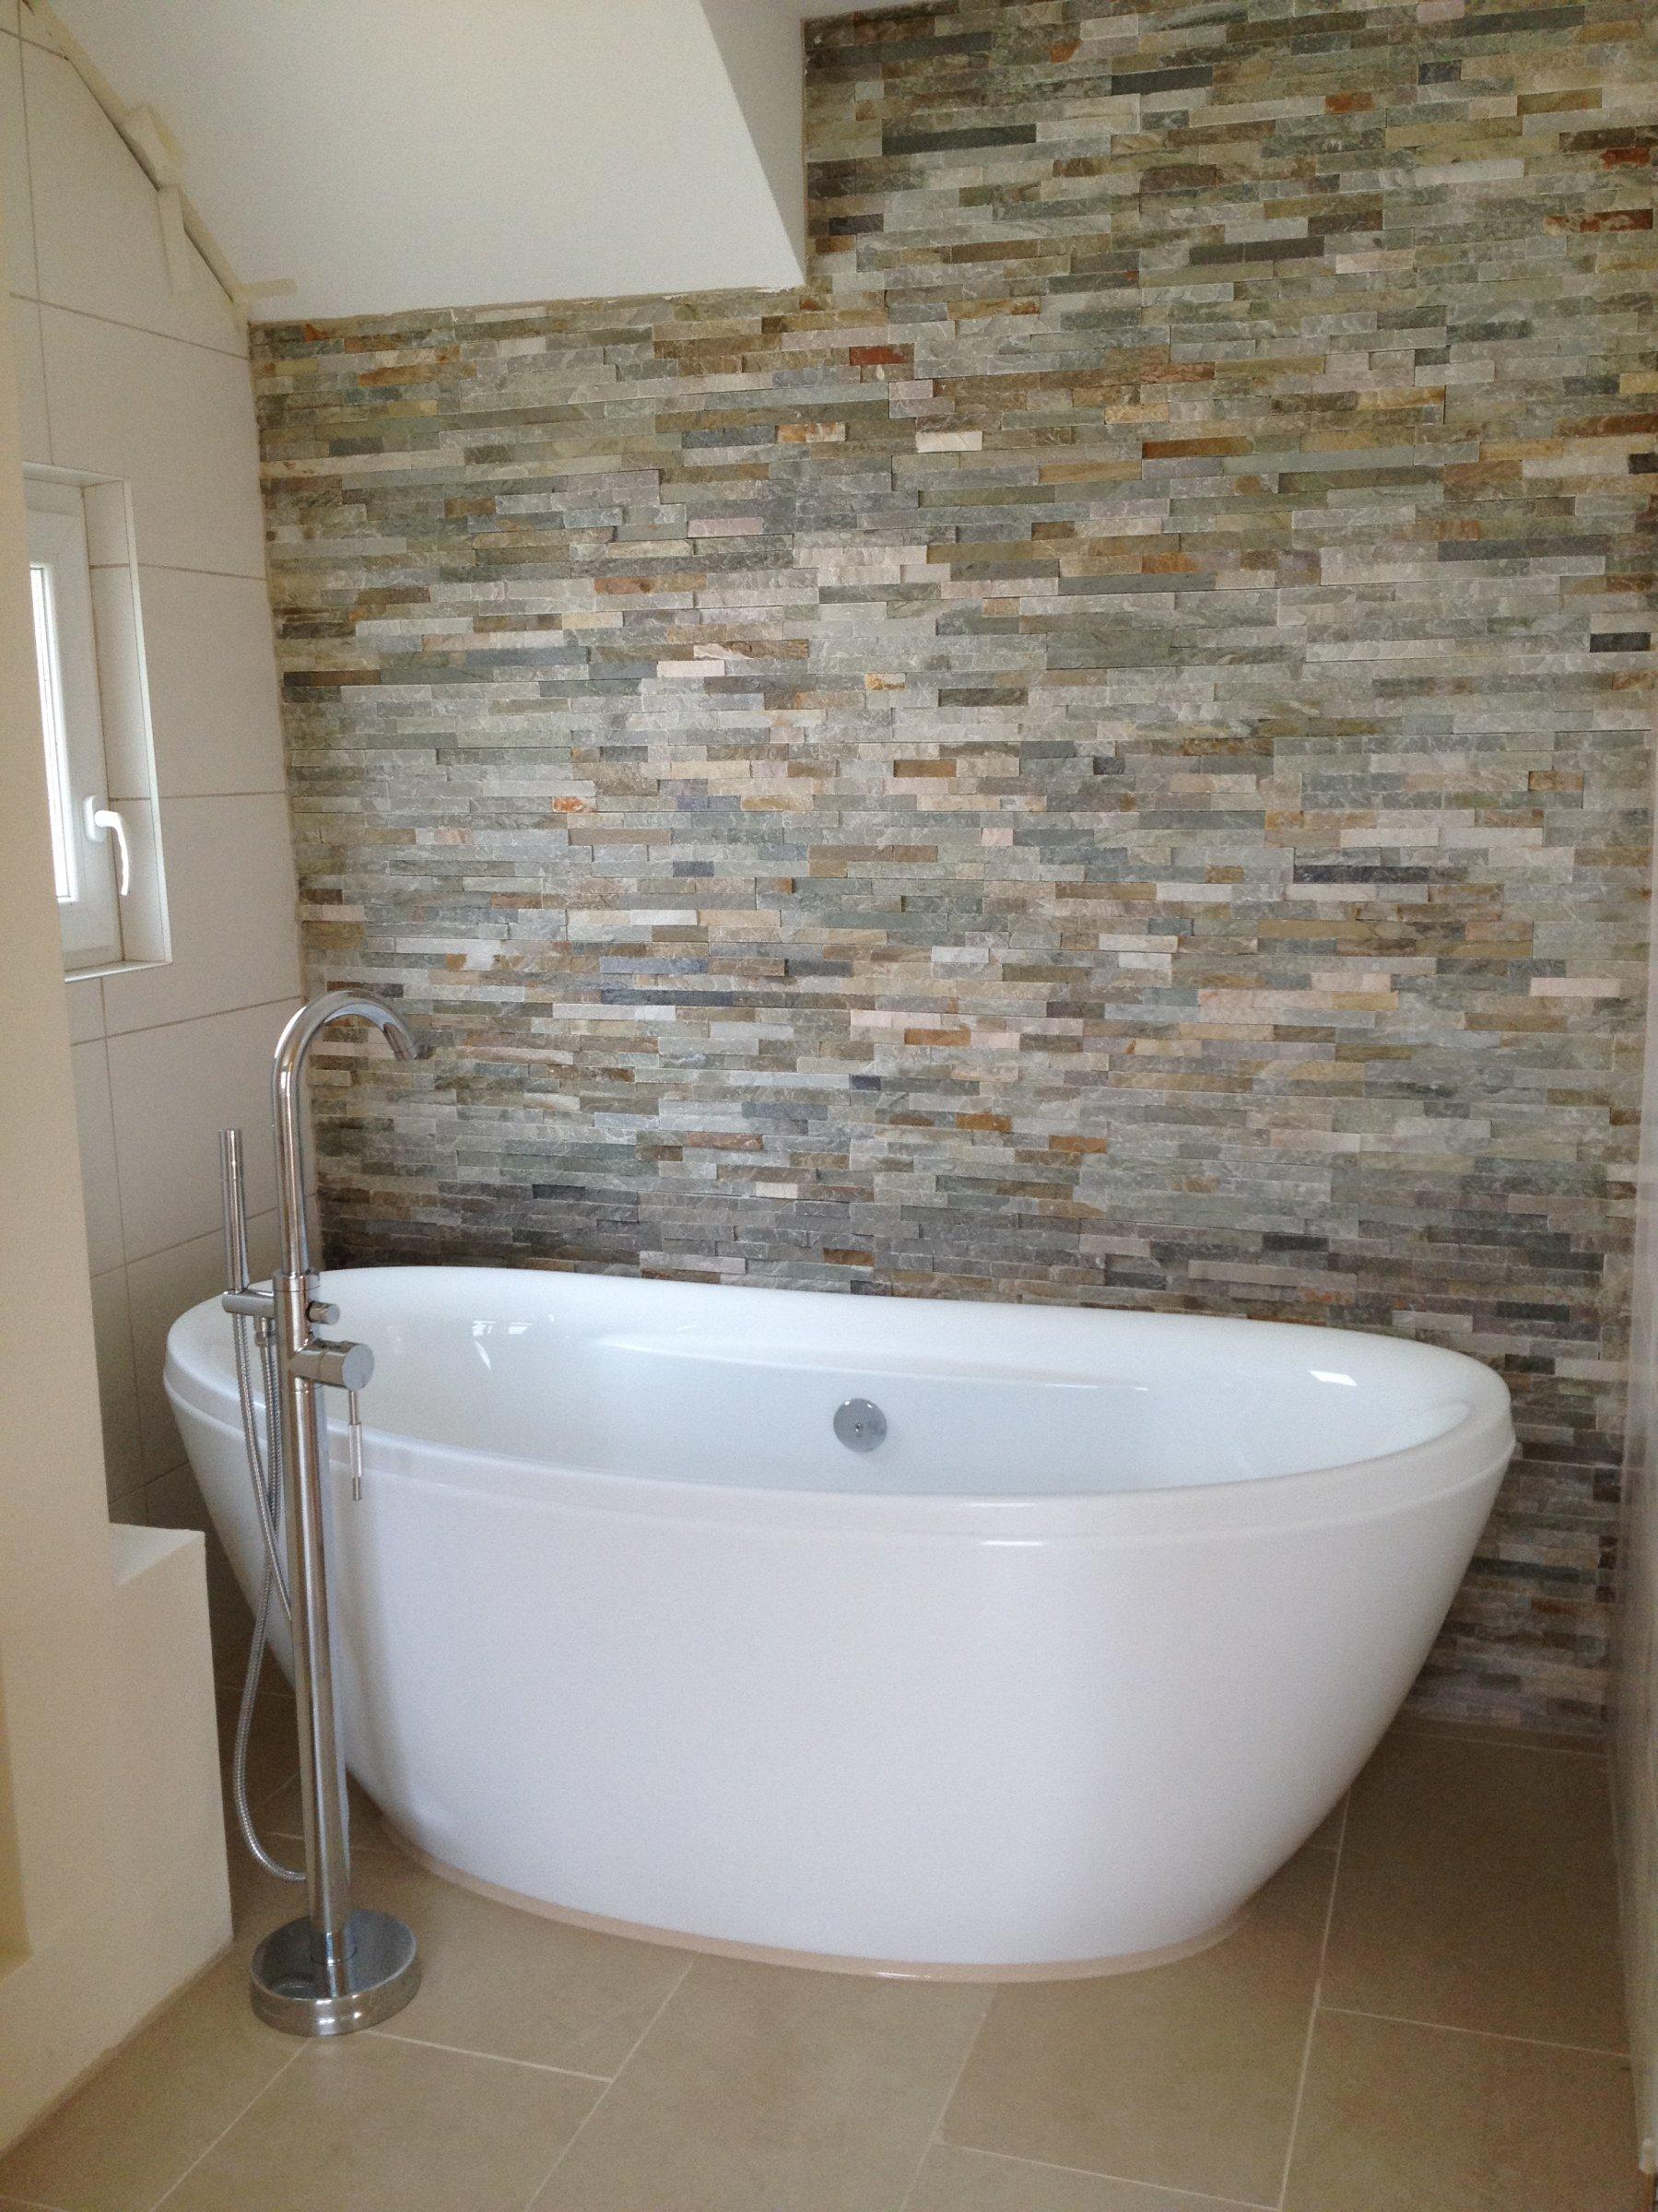 natursteinwand im bad von zimmerschauerin sonnenblume1 - Natursteinwand Badezimmer